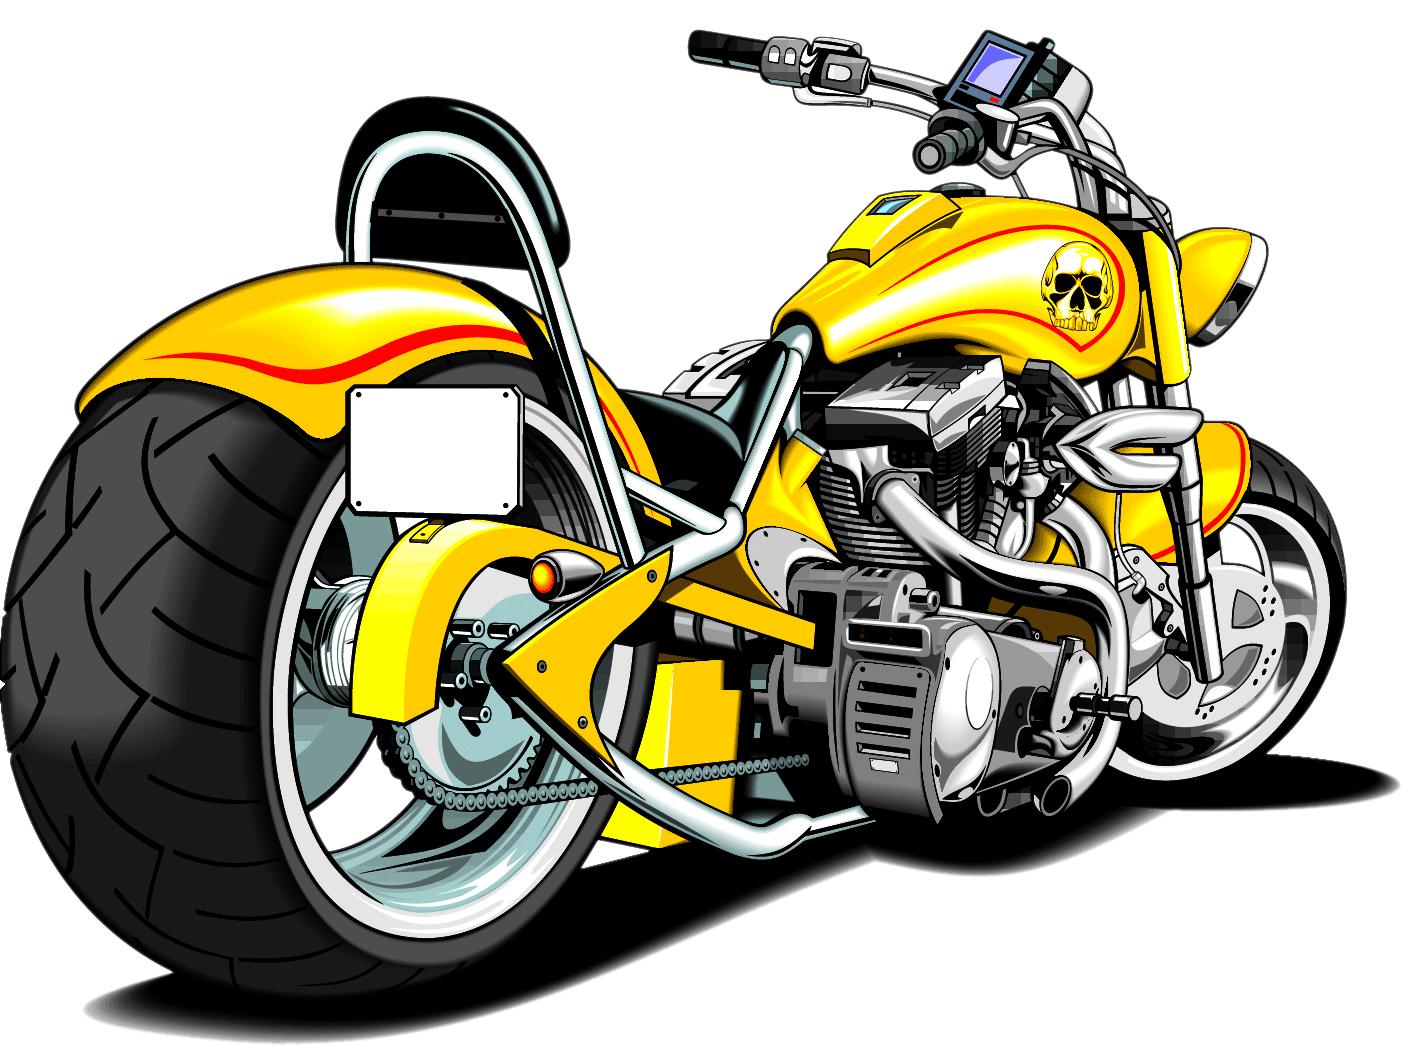 Harley Davidson Clip Art: Motorcycle Cliparts Harley Davidson